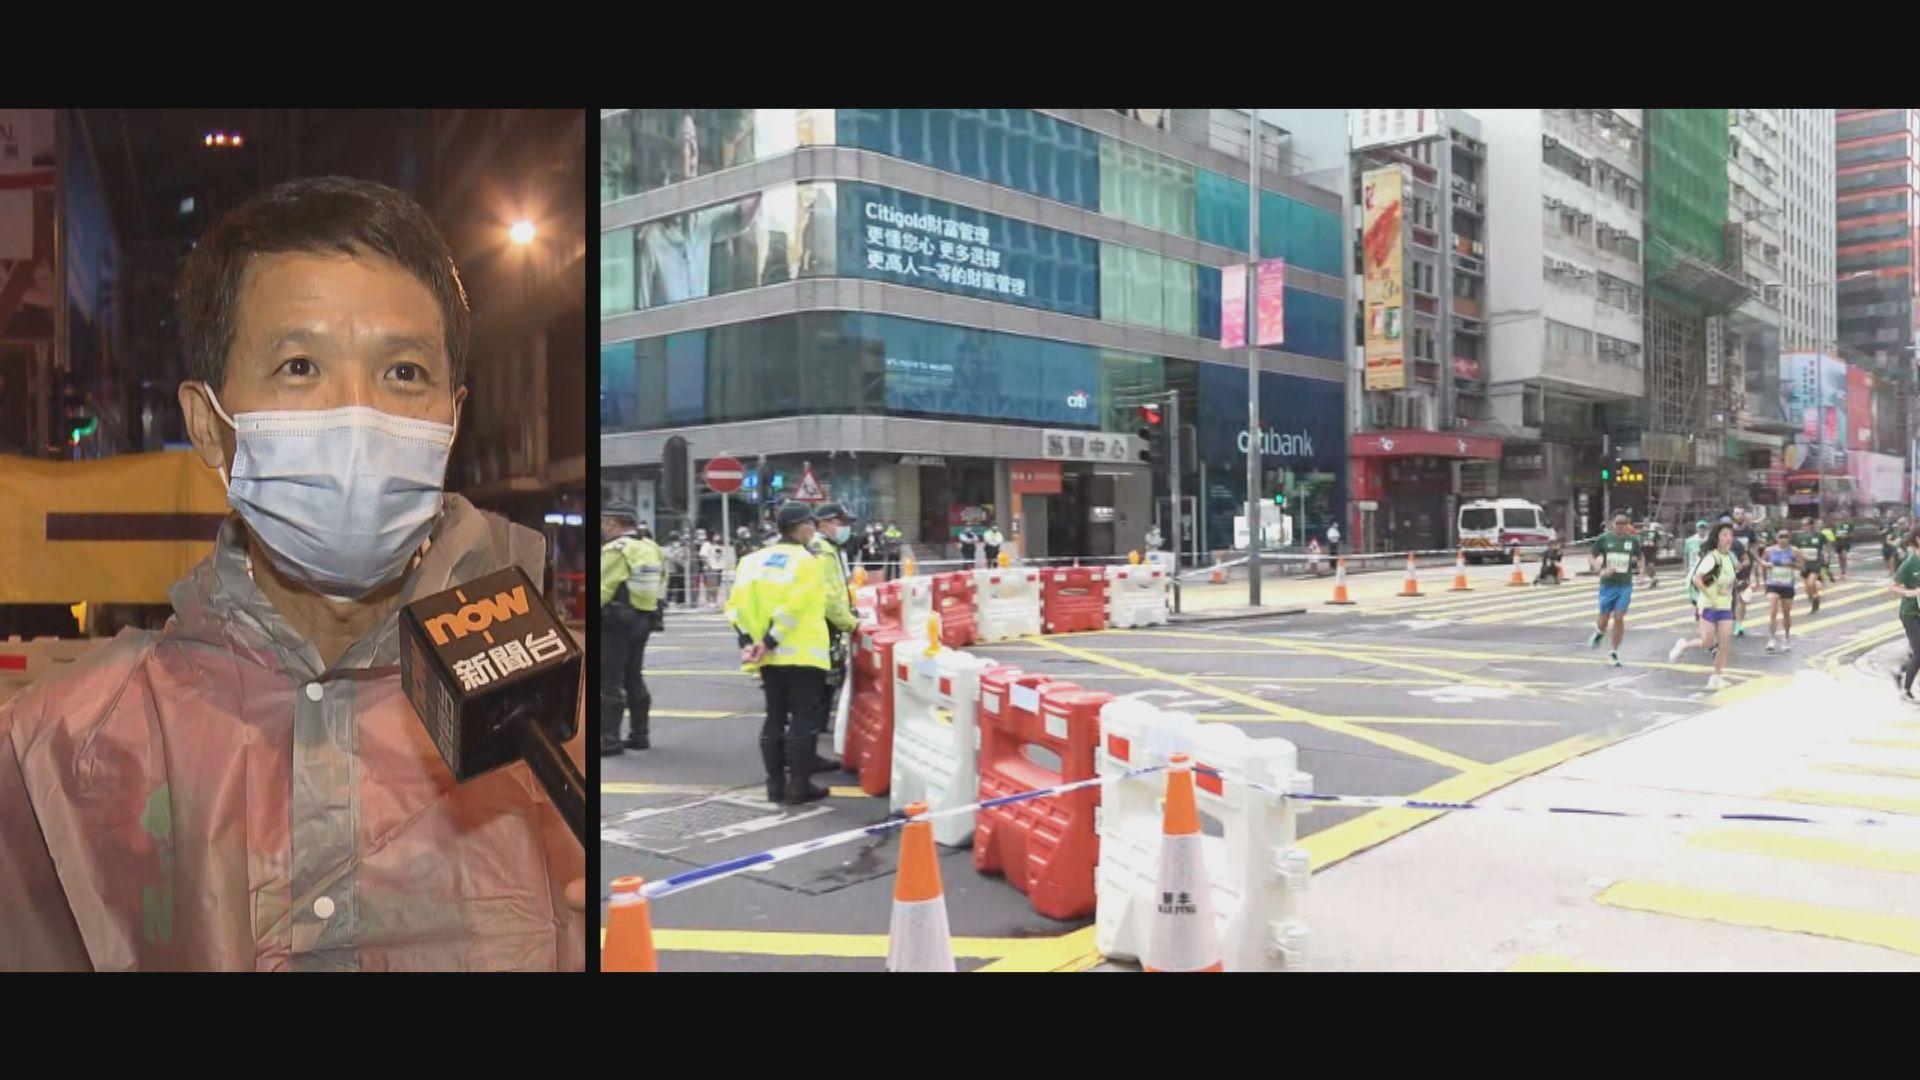 香港馬拉松復辦 所有賽事經西隧 有參賽者感吃力